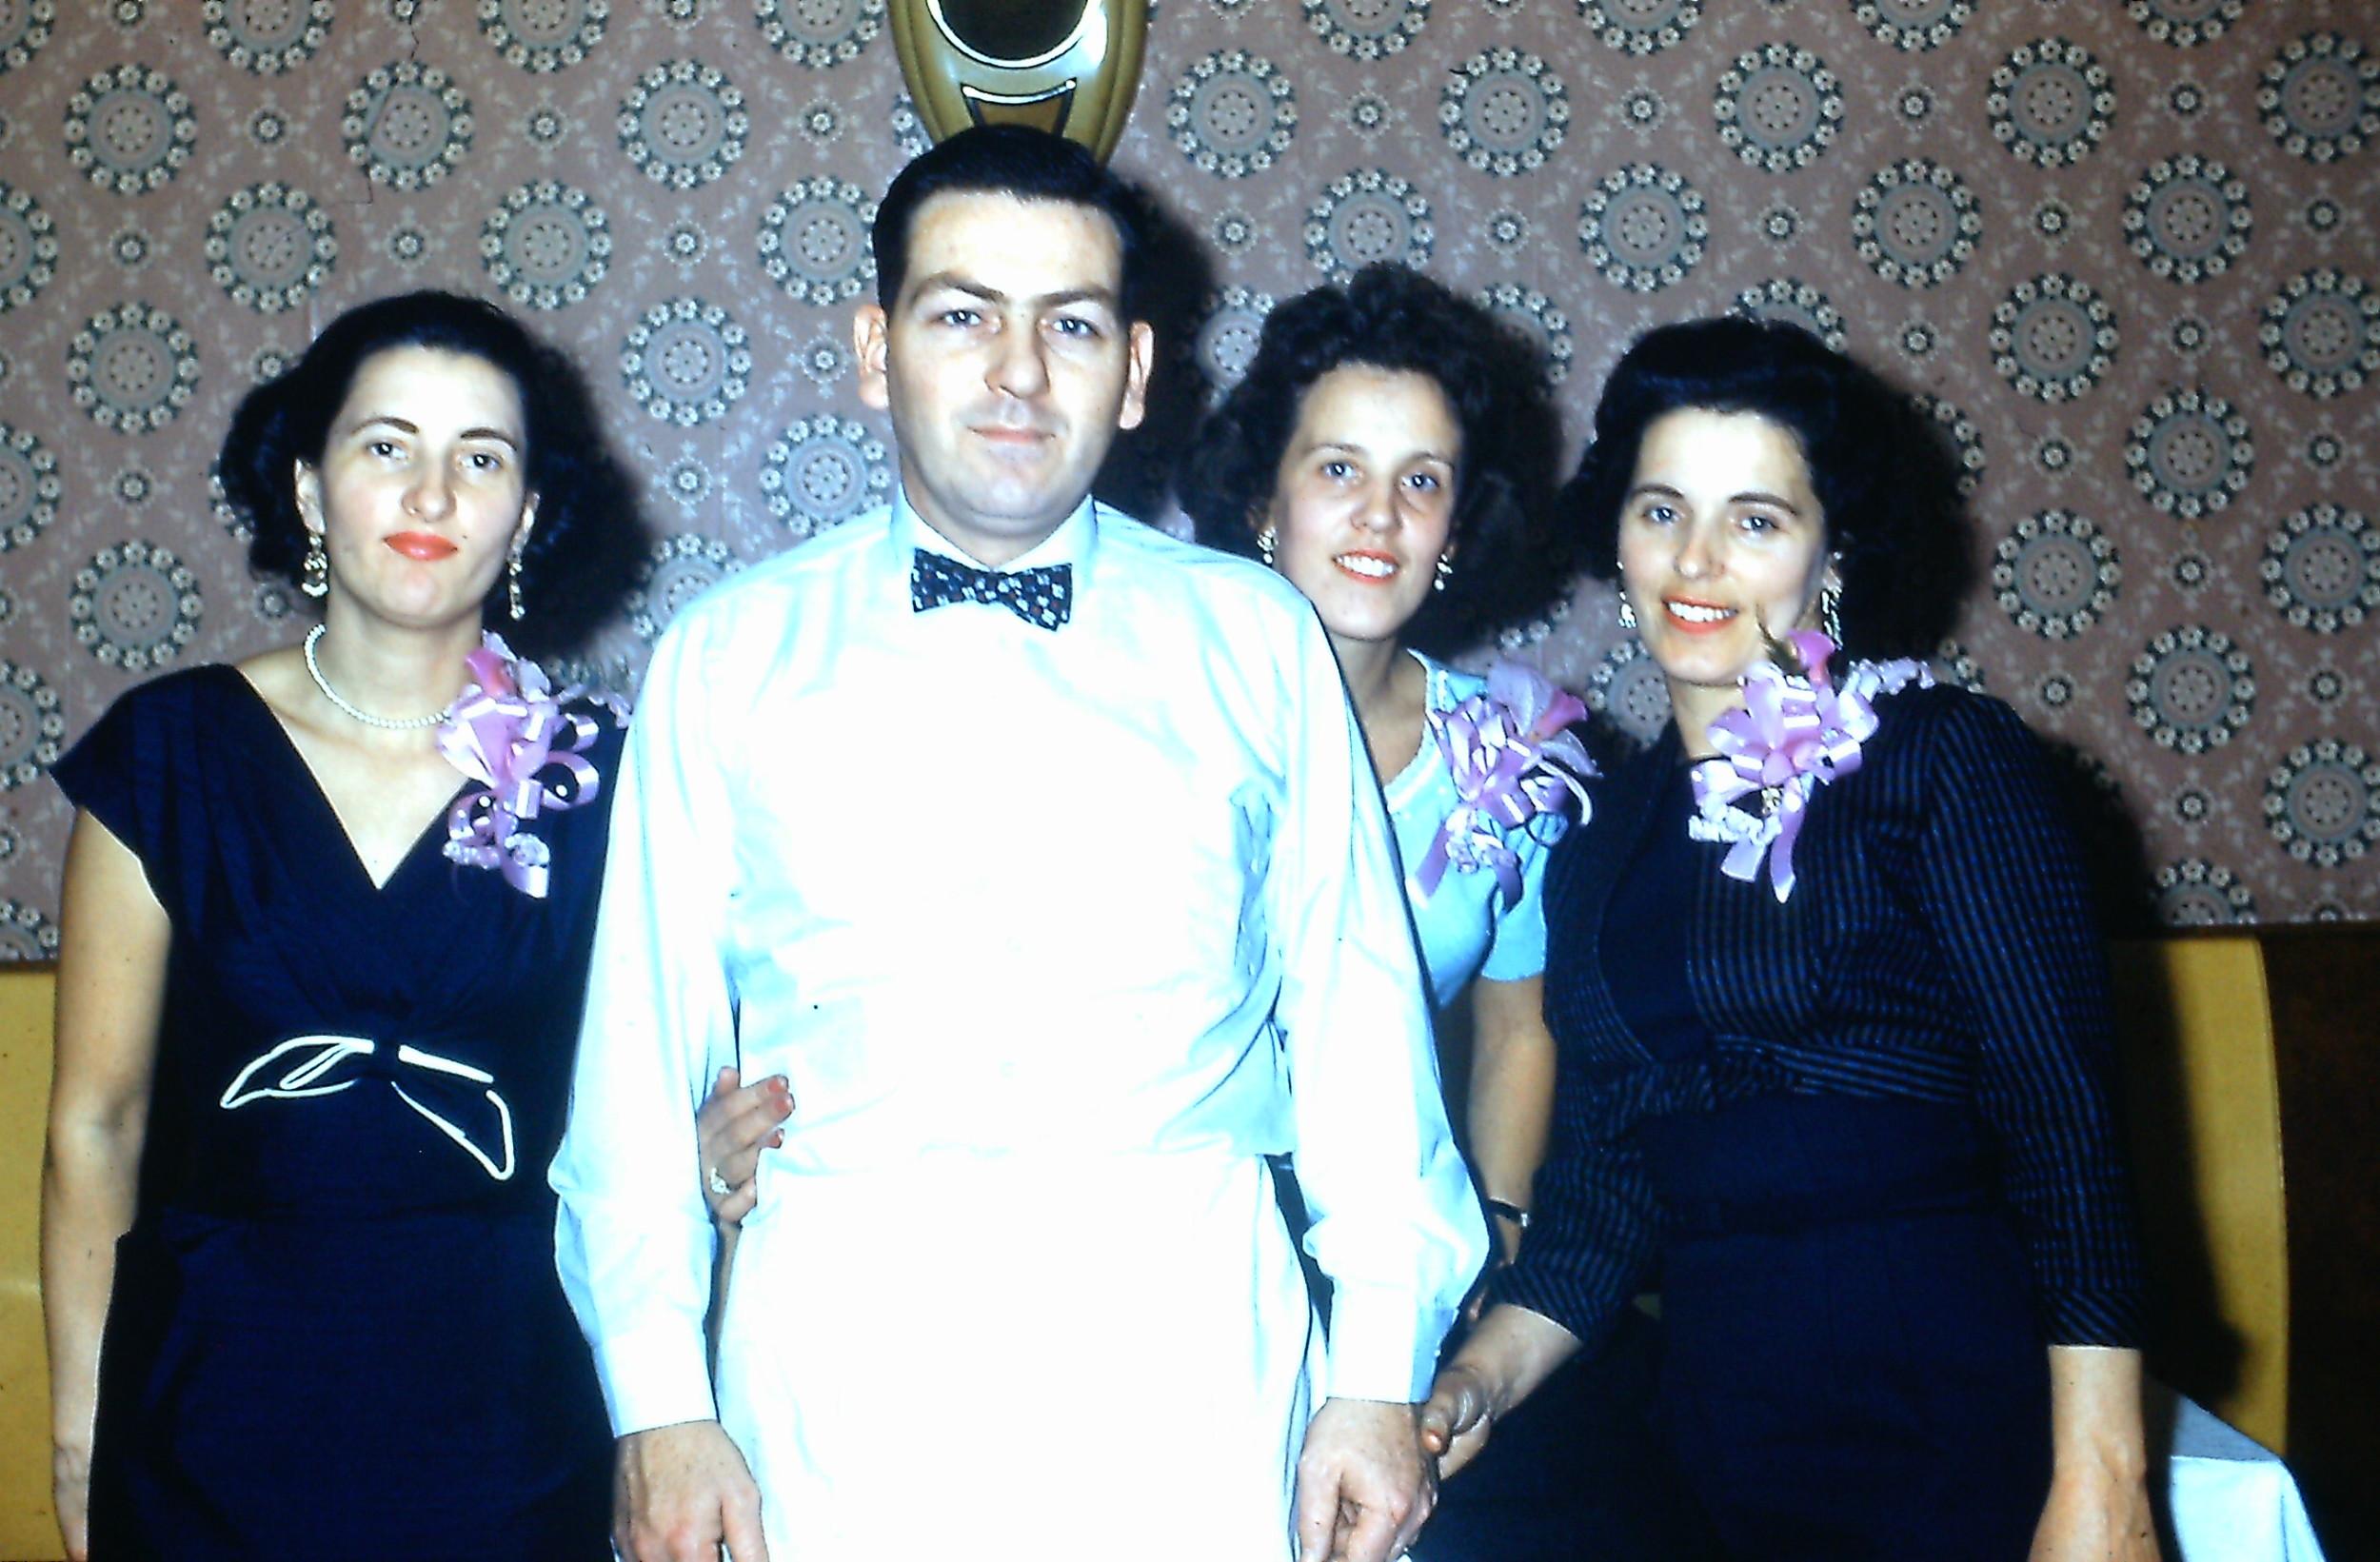 Buddy & ladies 1959.JPG